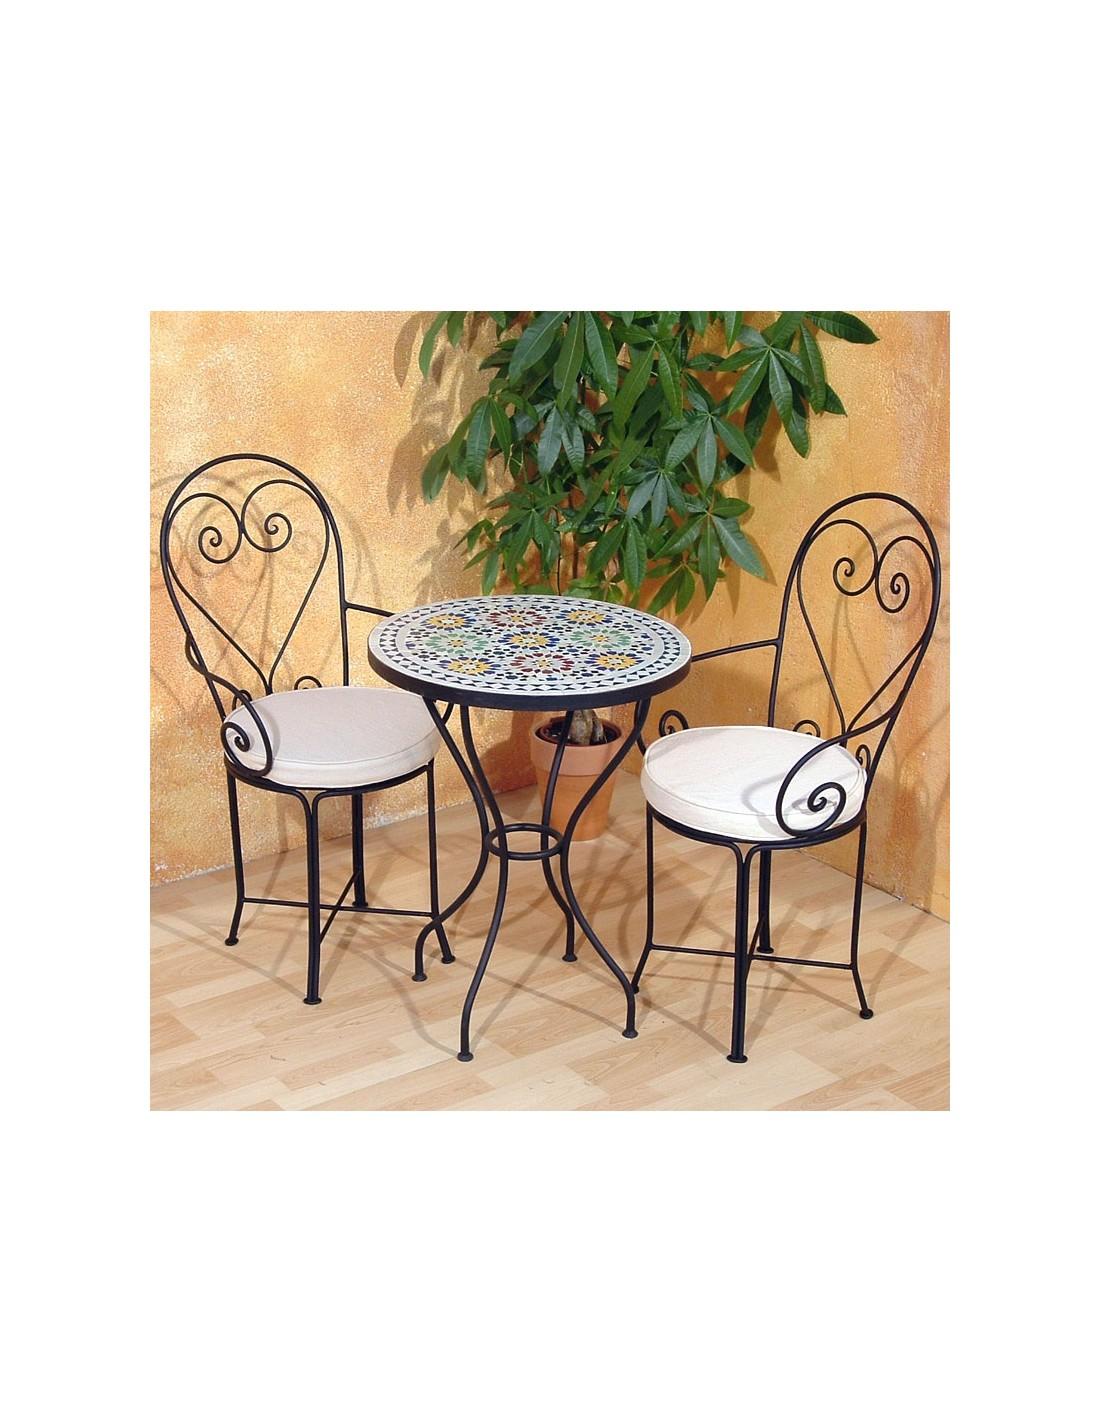 mosaiktisch lisu 60cm rund bei albena marokko galerie. Black Bedroom Furniture Sets. Home Design Ideas